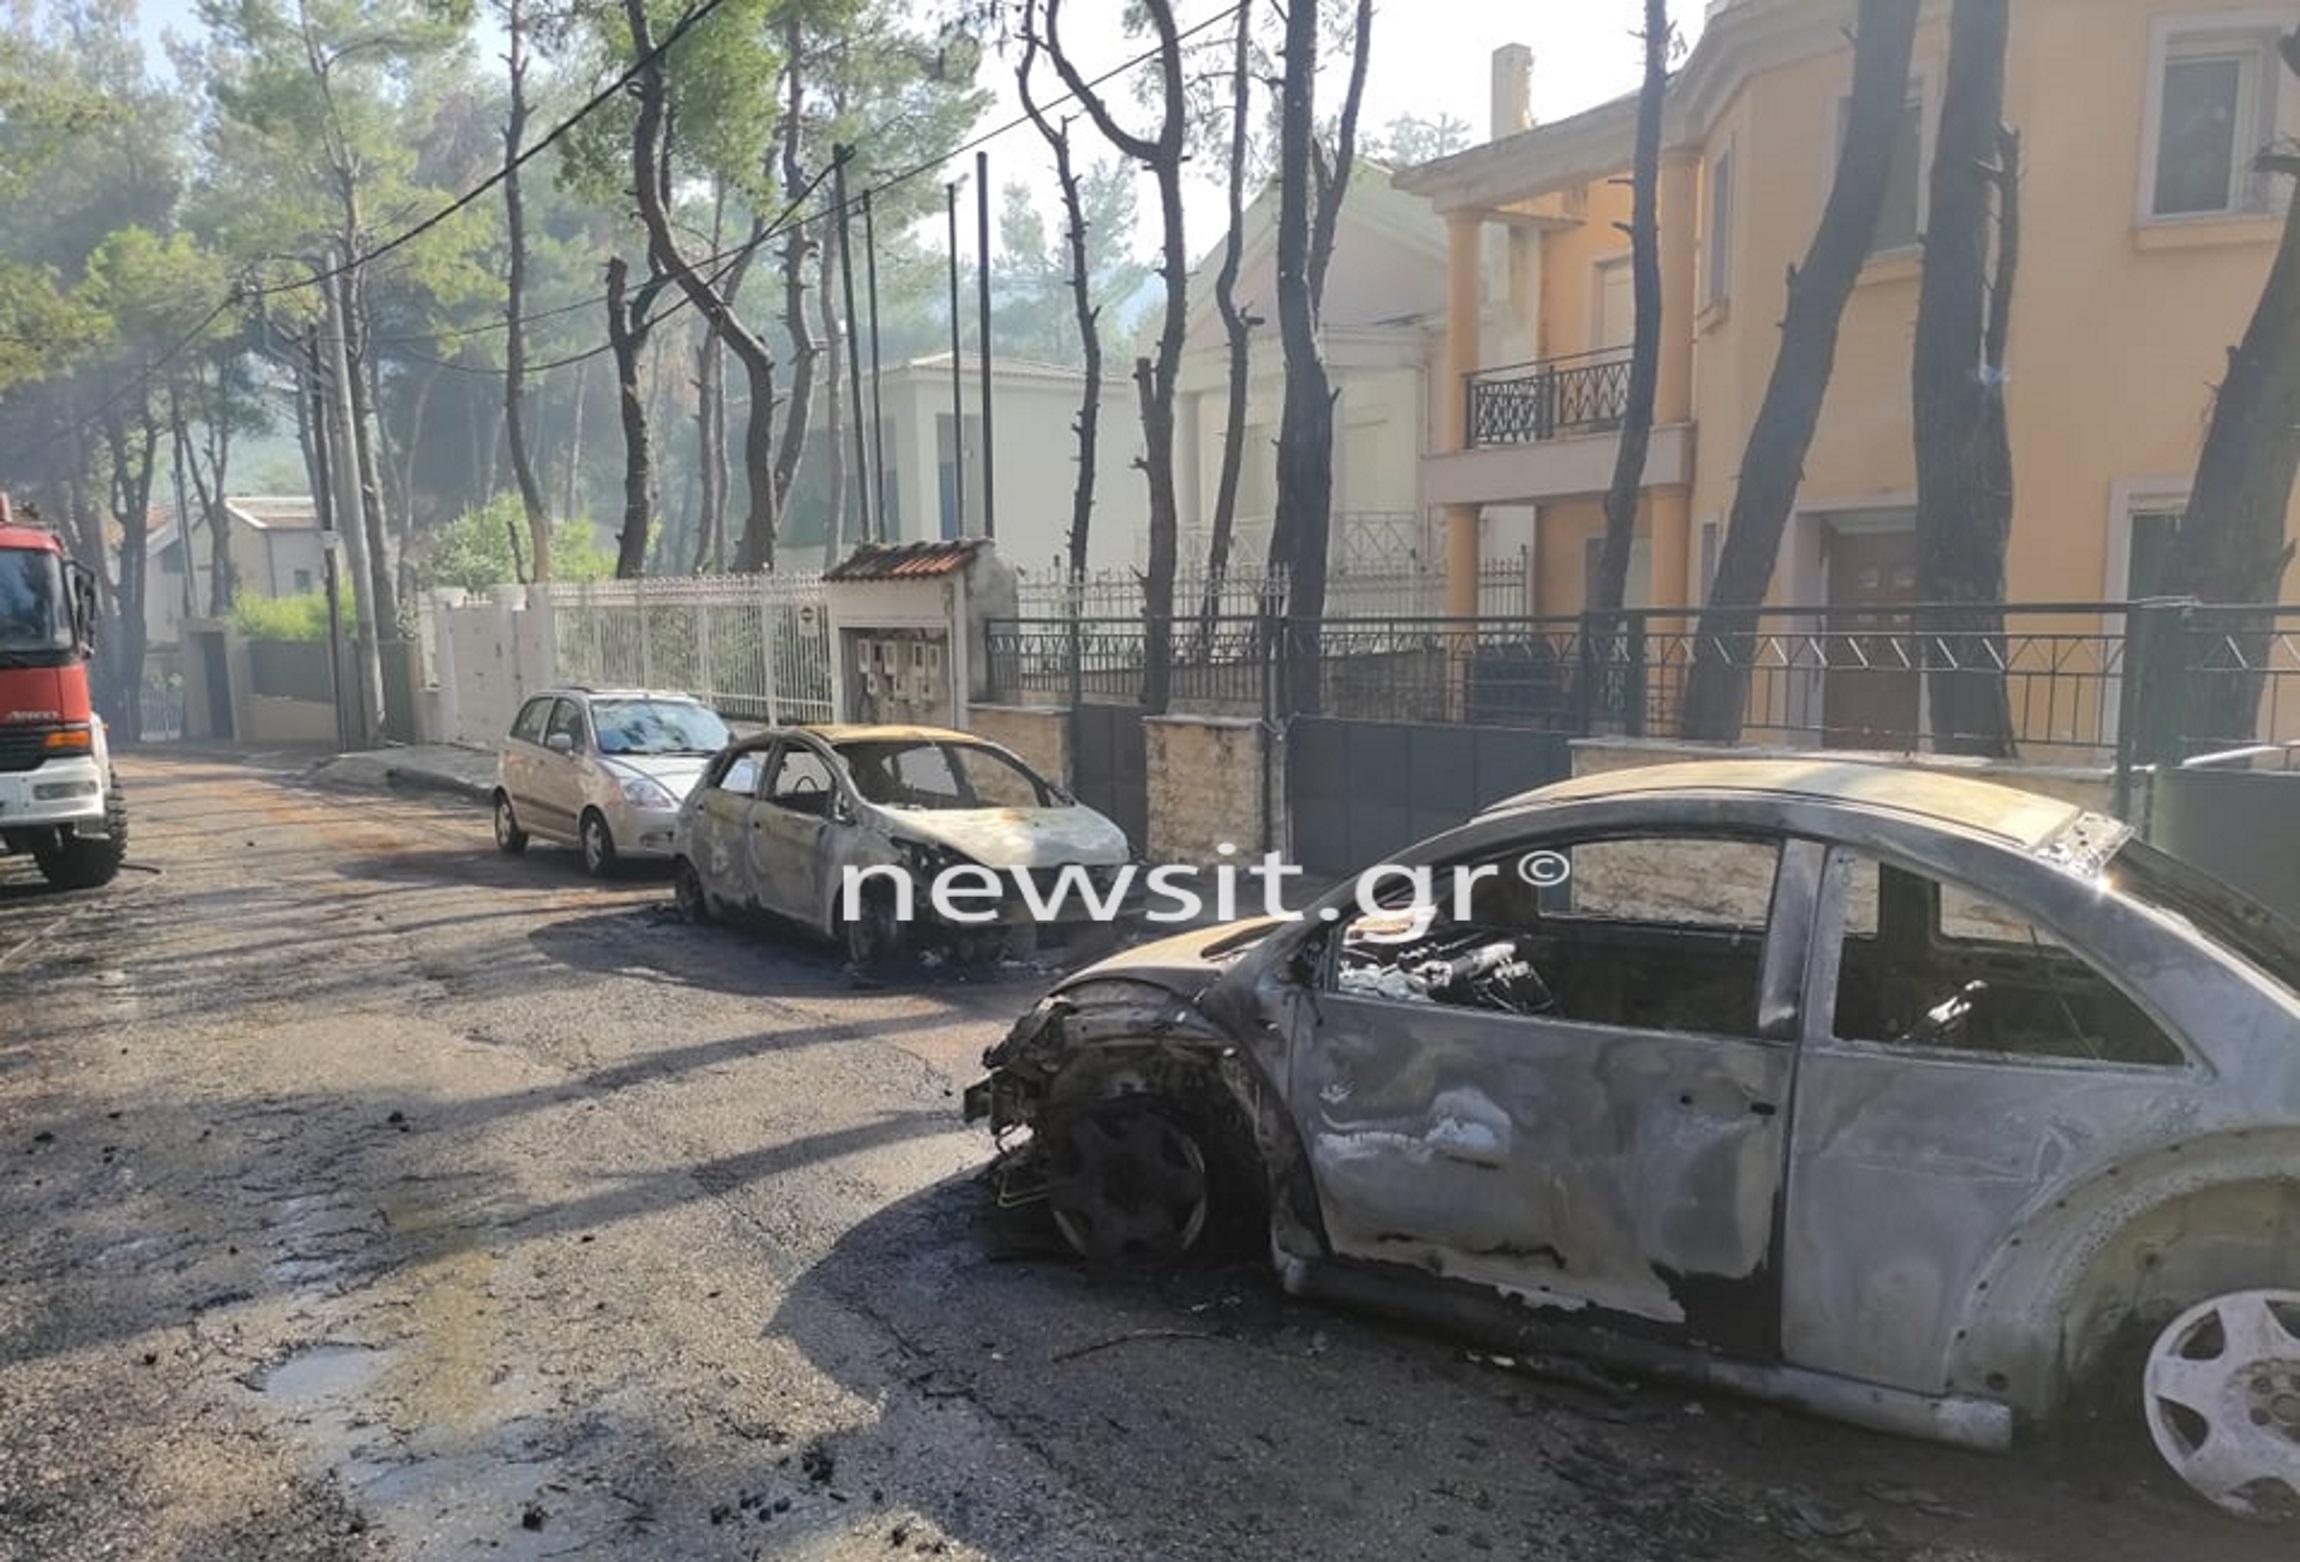 Φωτιά σε Σταμάτα – Διόνυσο: Το newsit.gr στο μέτωπο της πυρκαγιάς